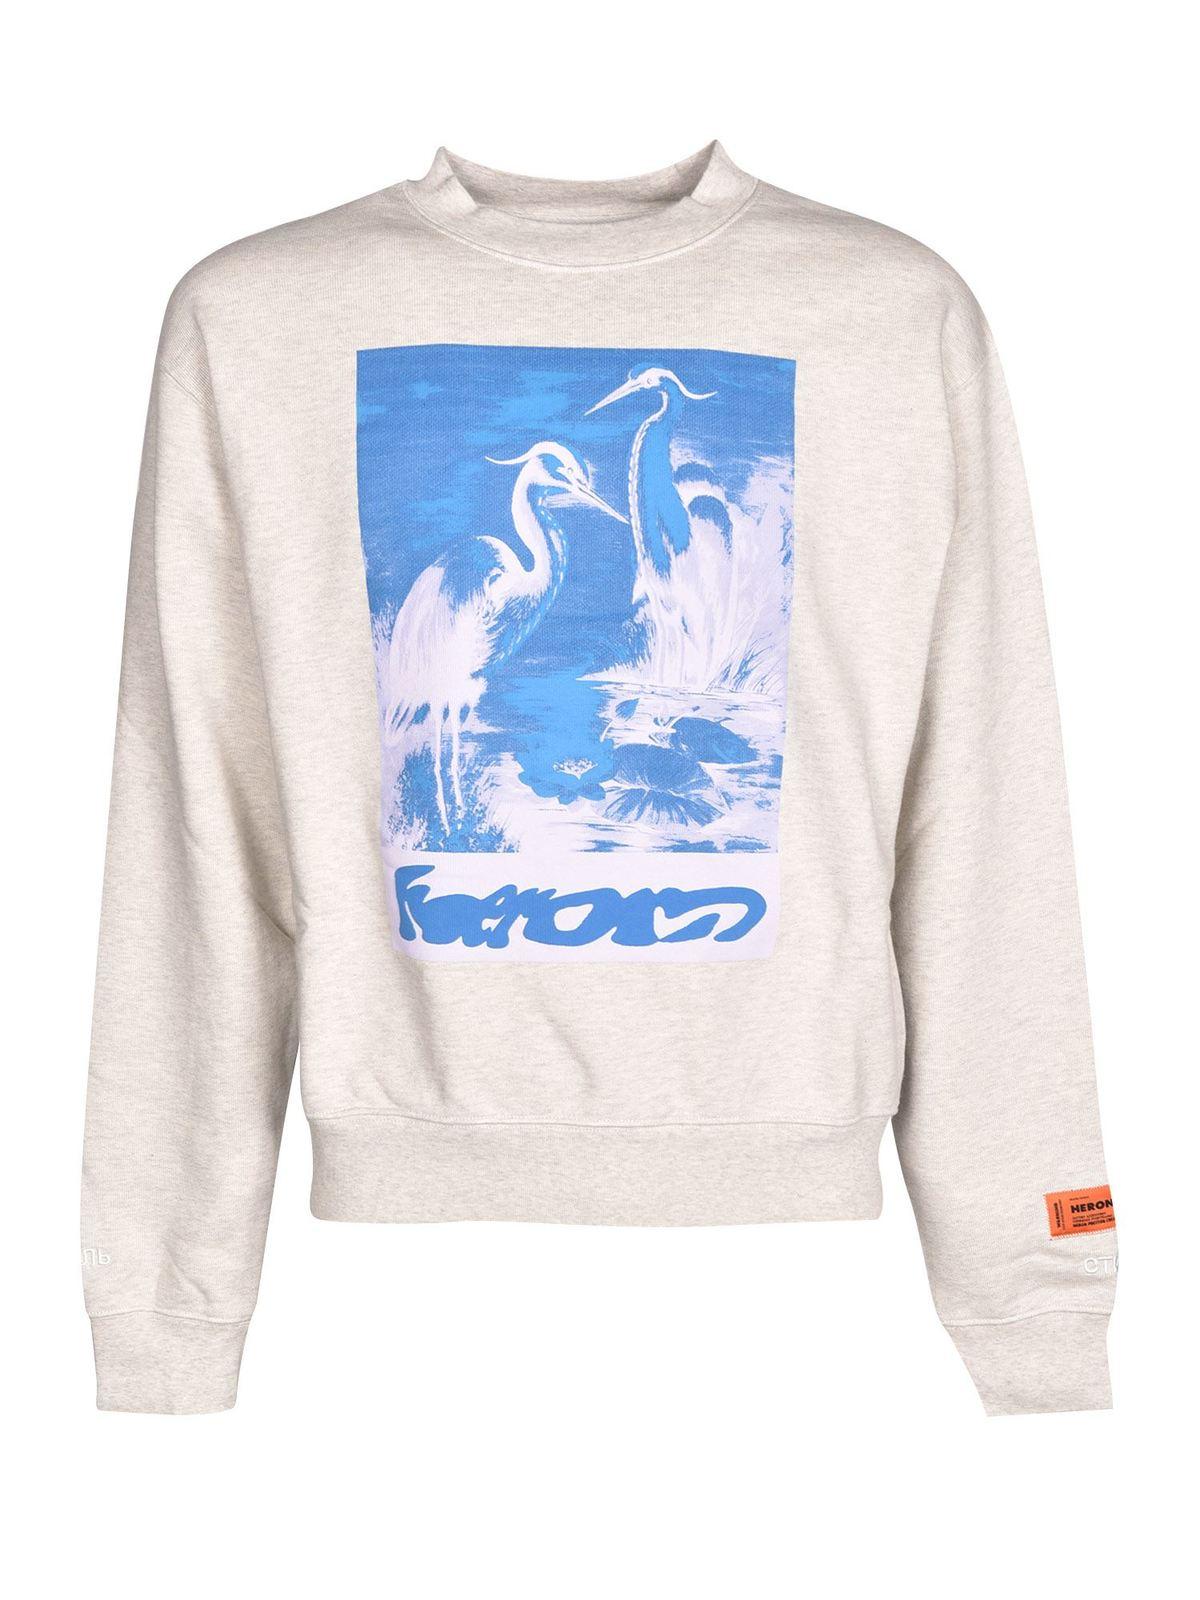 Heron Preston Cottons CAPTCHA SWEATSHIRT IN GRAY MELANGE